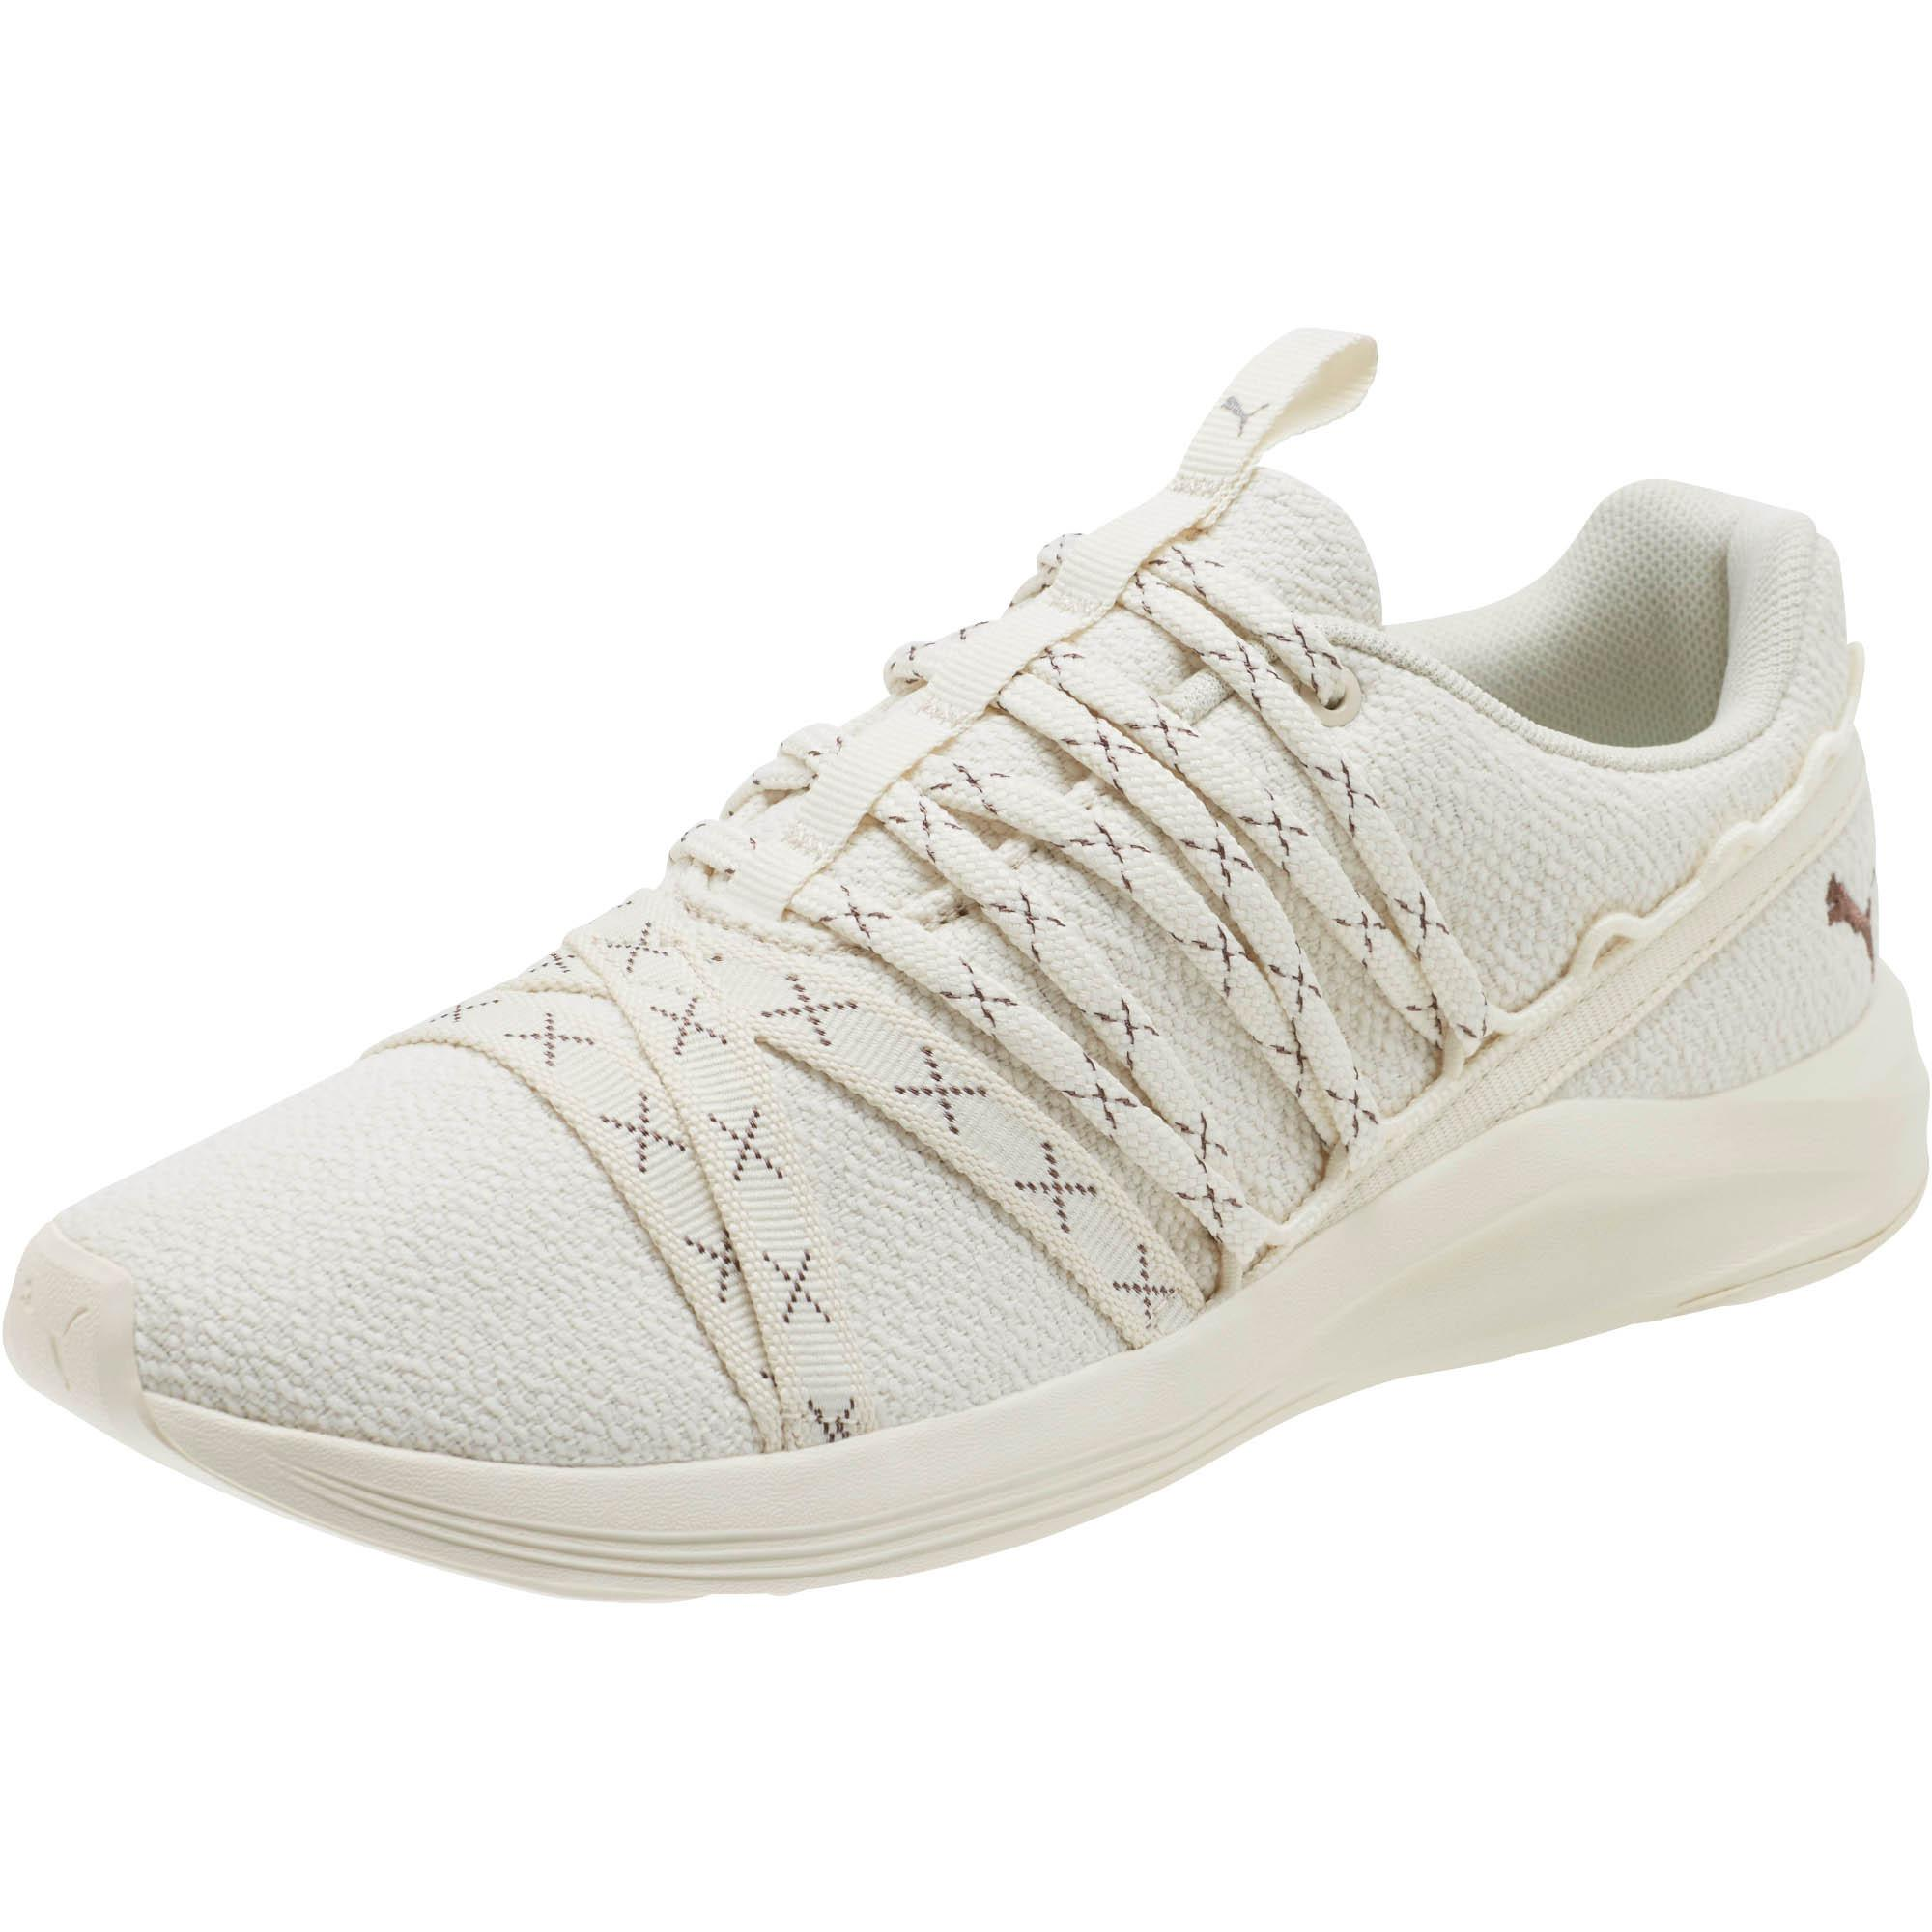 ce207da256c0 Lyst - PUMA Prowl Alt 2 Lx Women s Sneakers in White